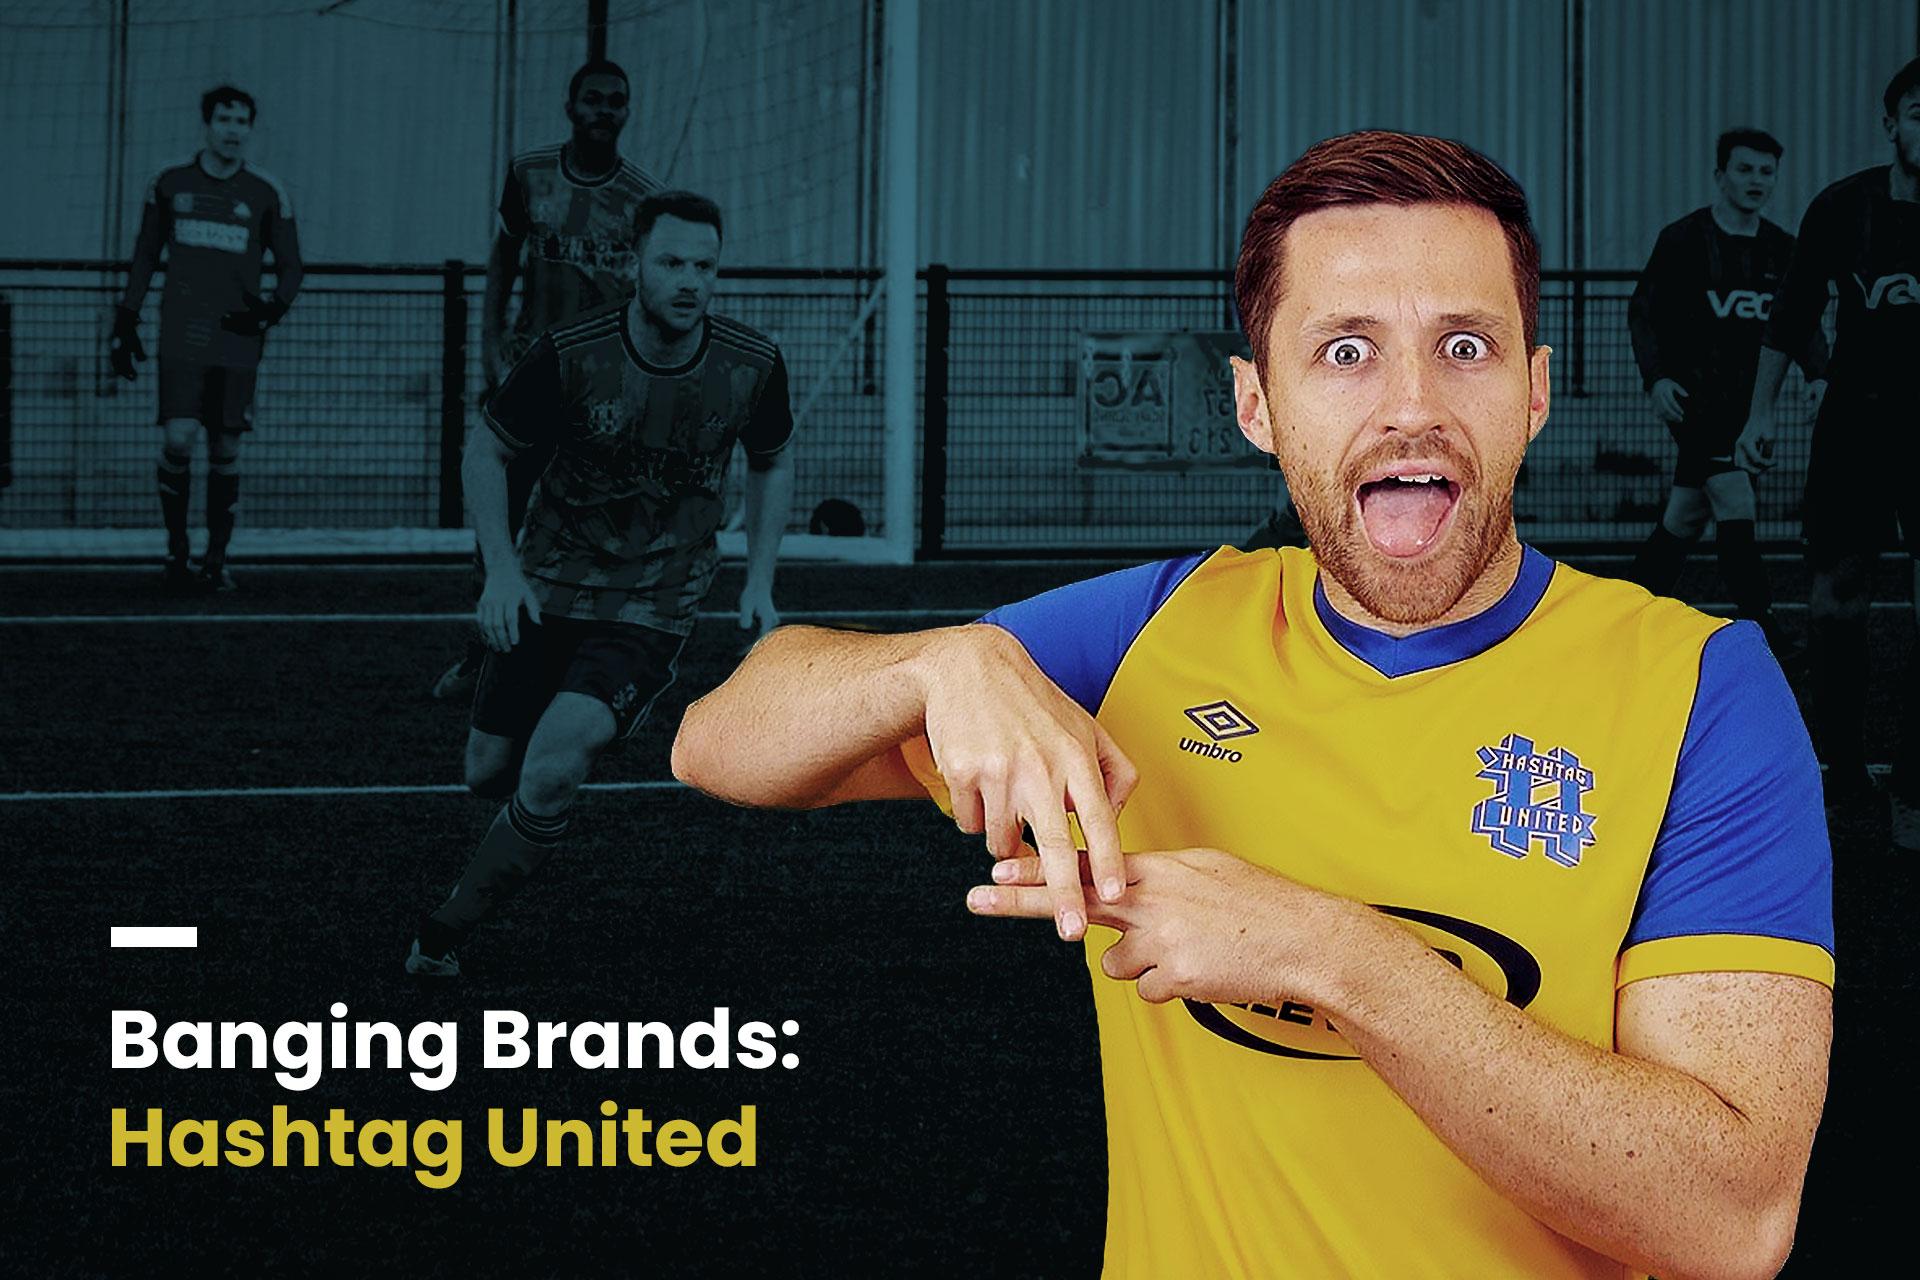 Banging Brand Hashtag United